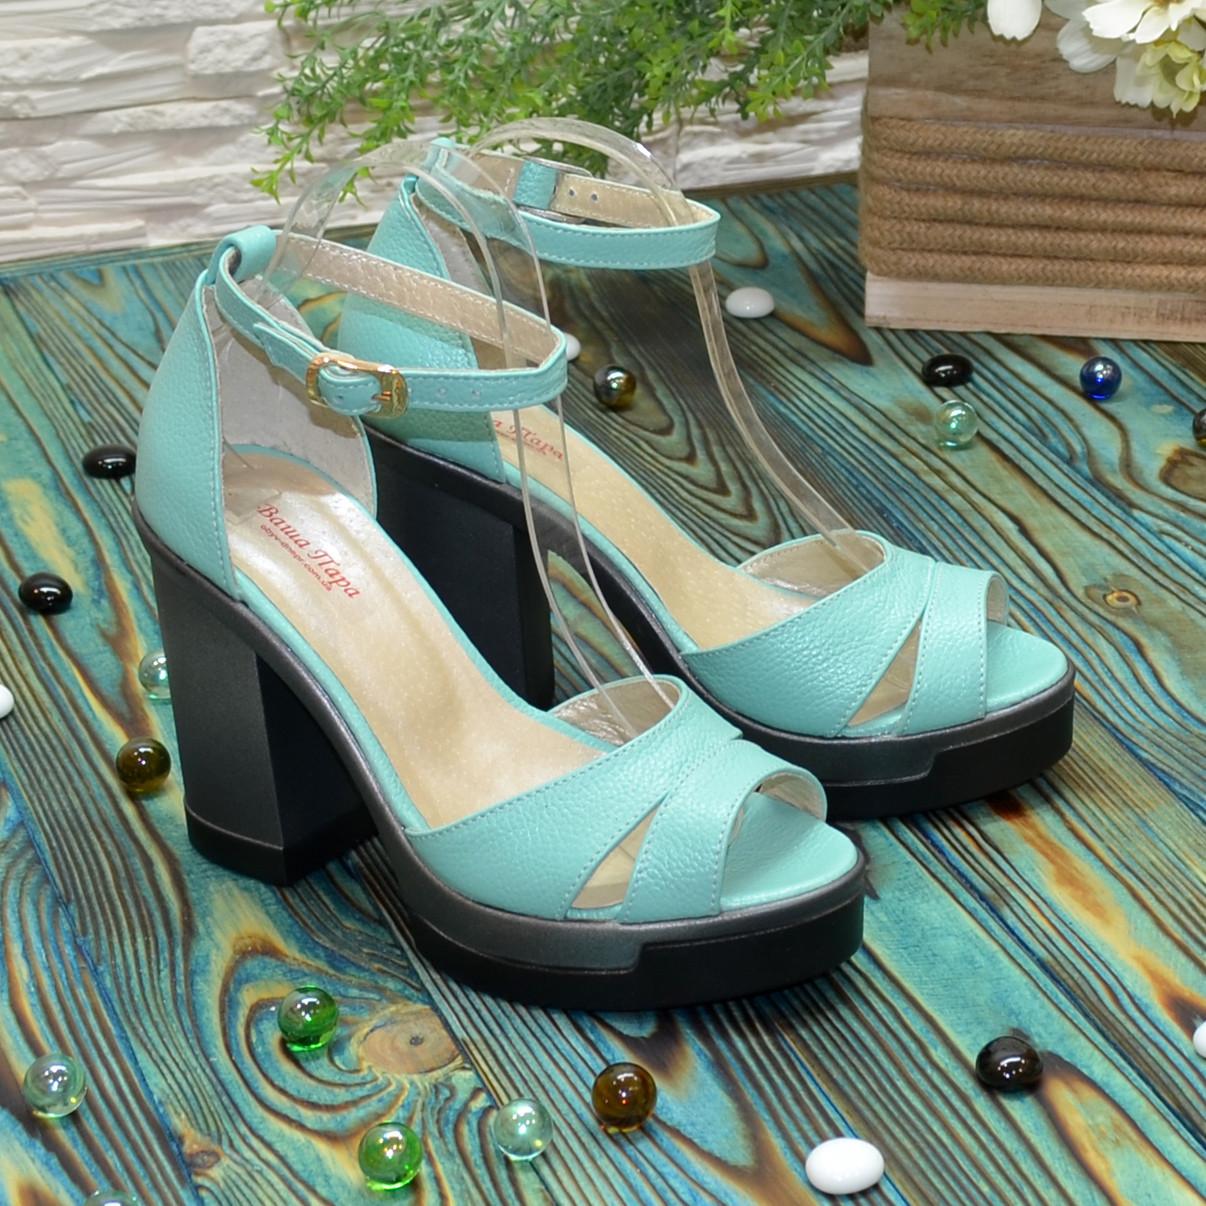 Босоножки женские кожаные на высоком каблуке, цвет мята